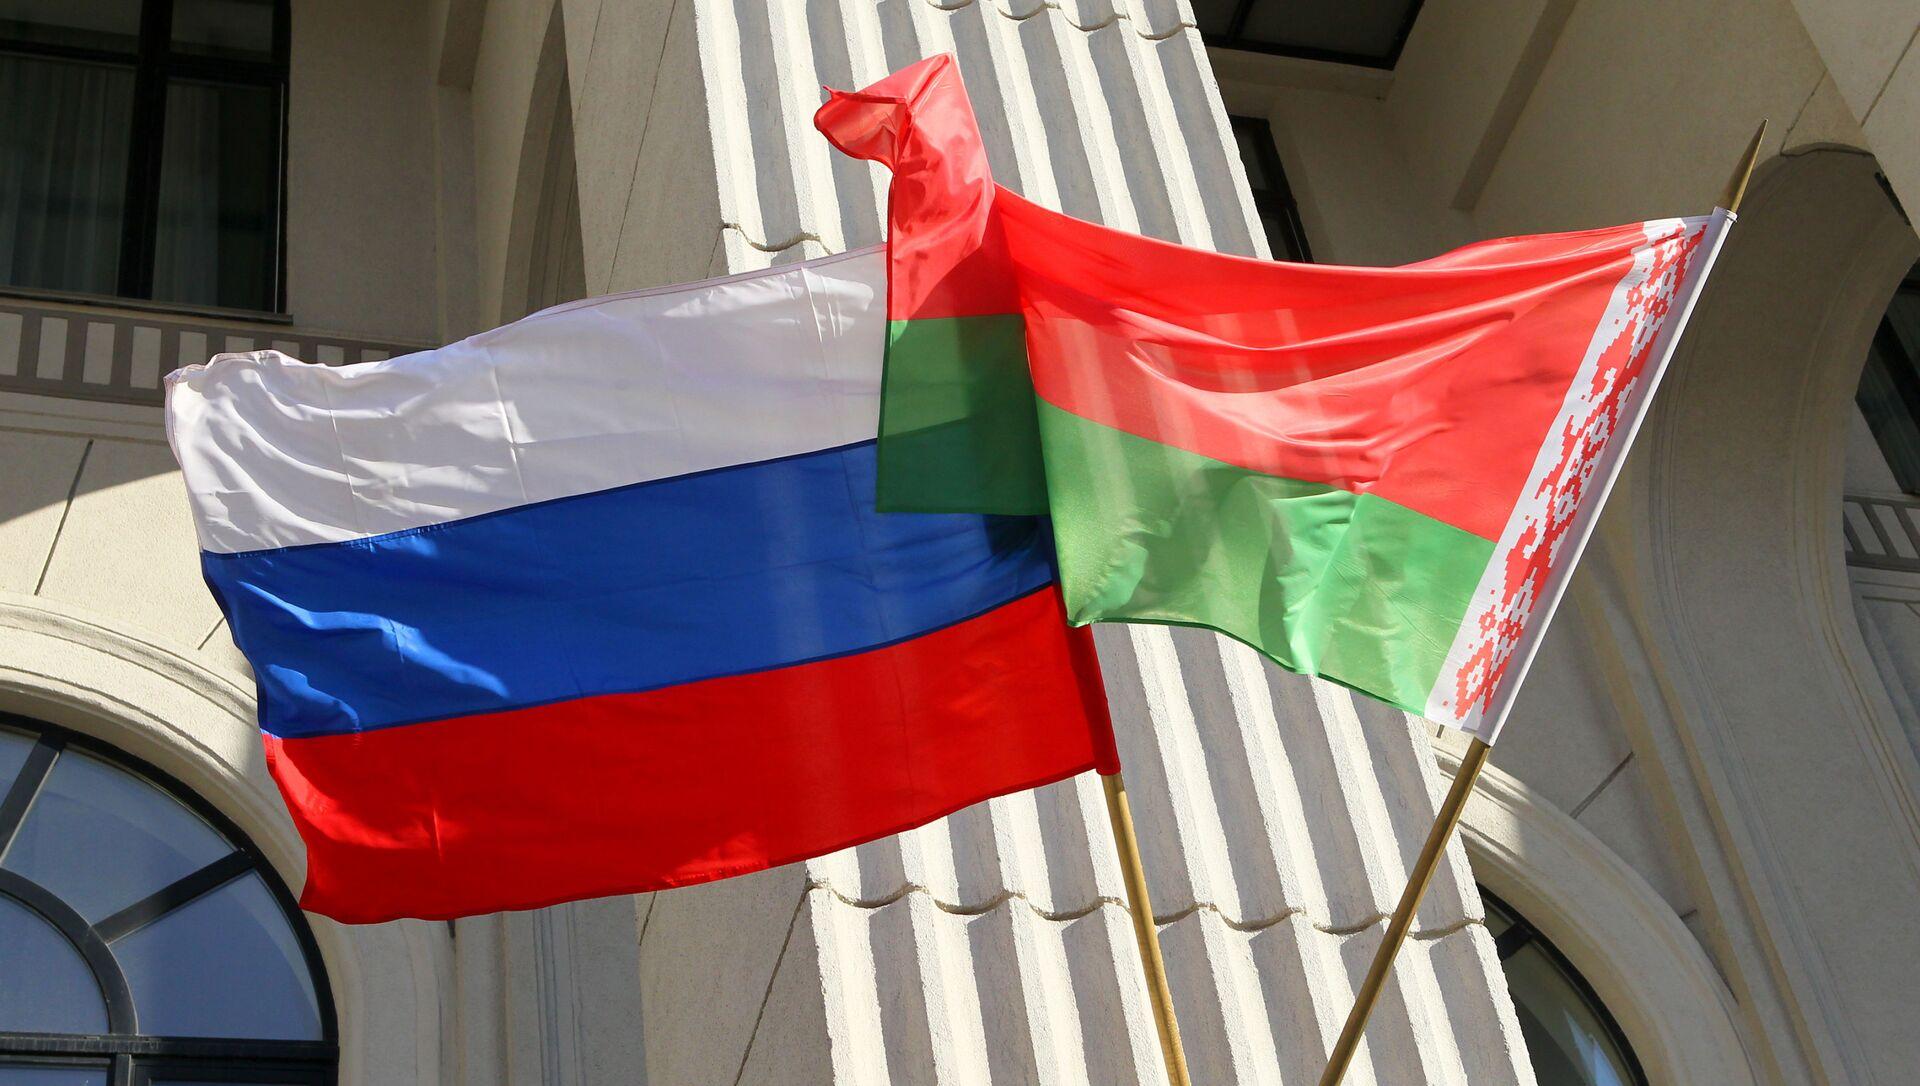 Flagi państwowe Rosji i Białorusi na budynku mińskiej filharmonii - Sputnik Polska, 1920, 31.03.2021